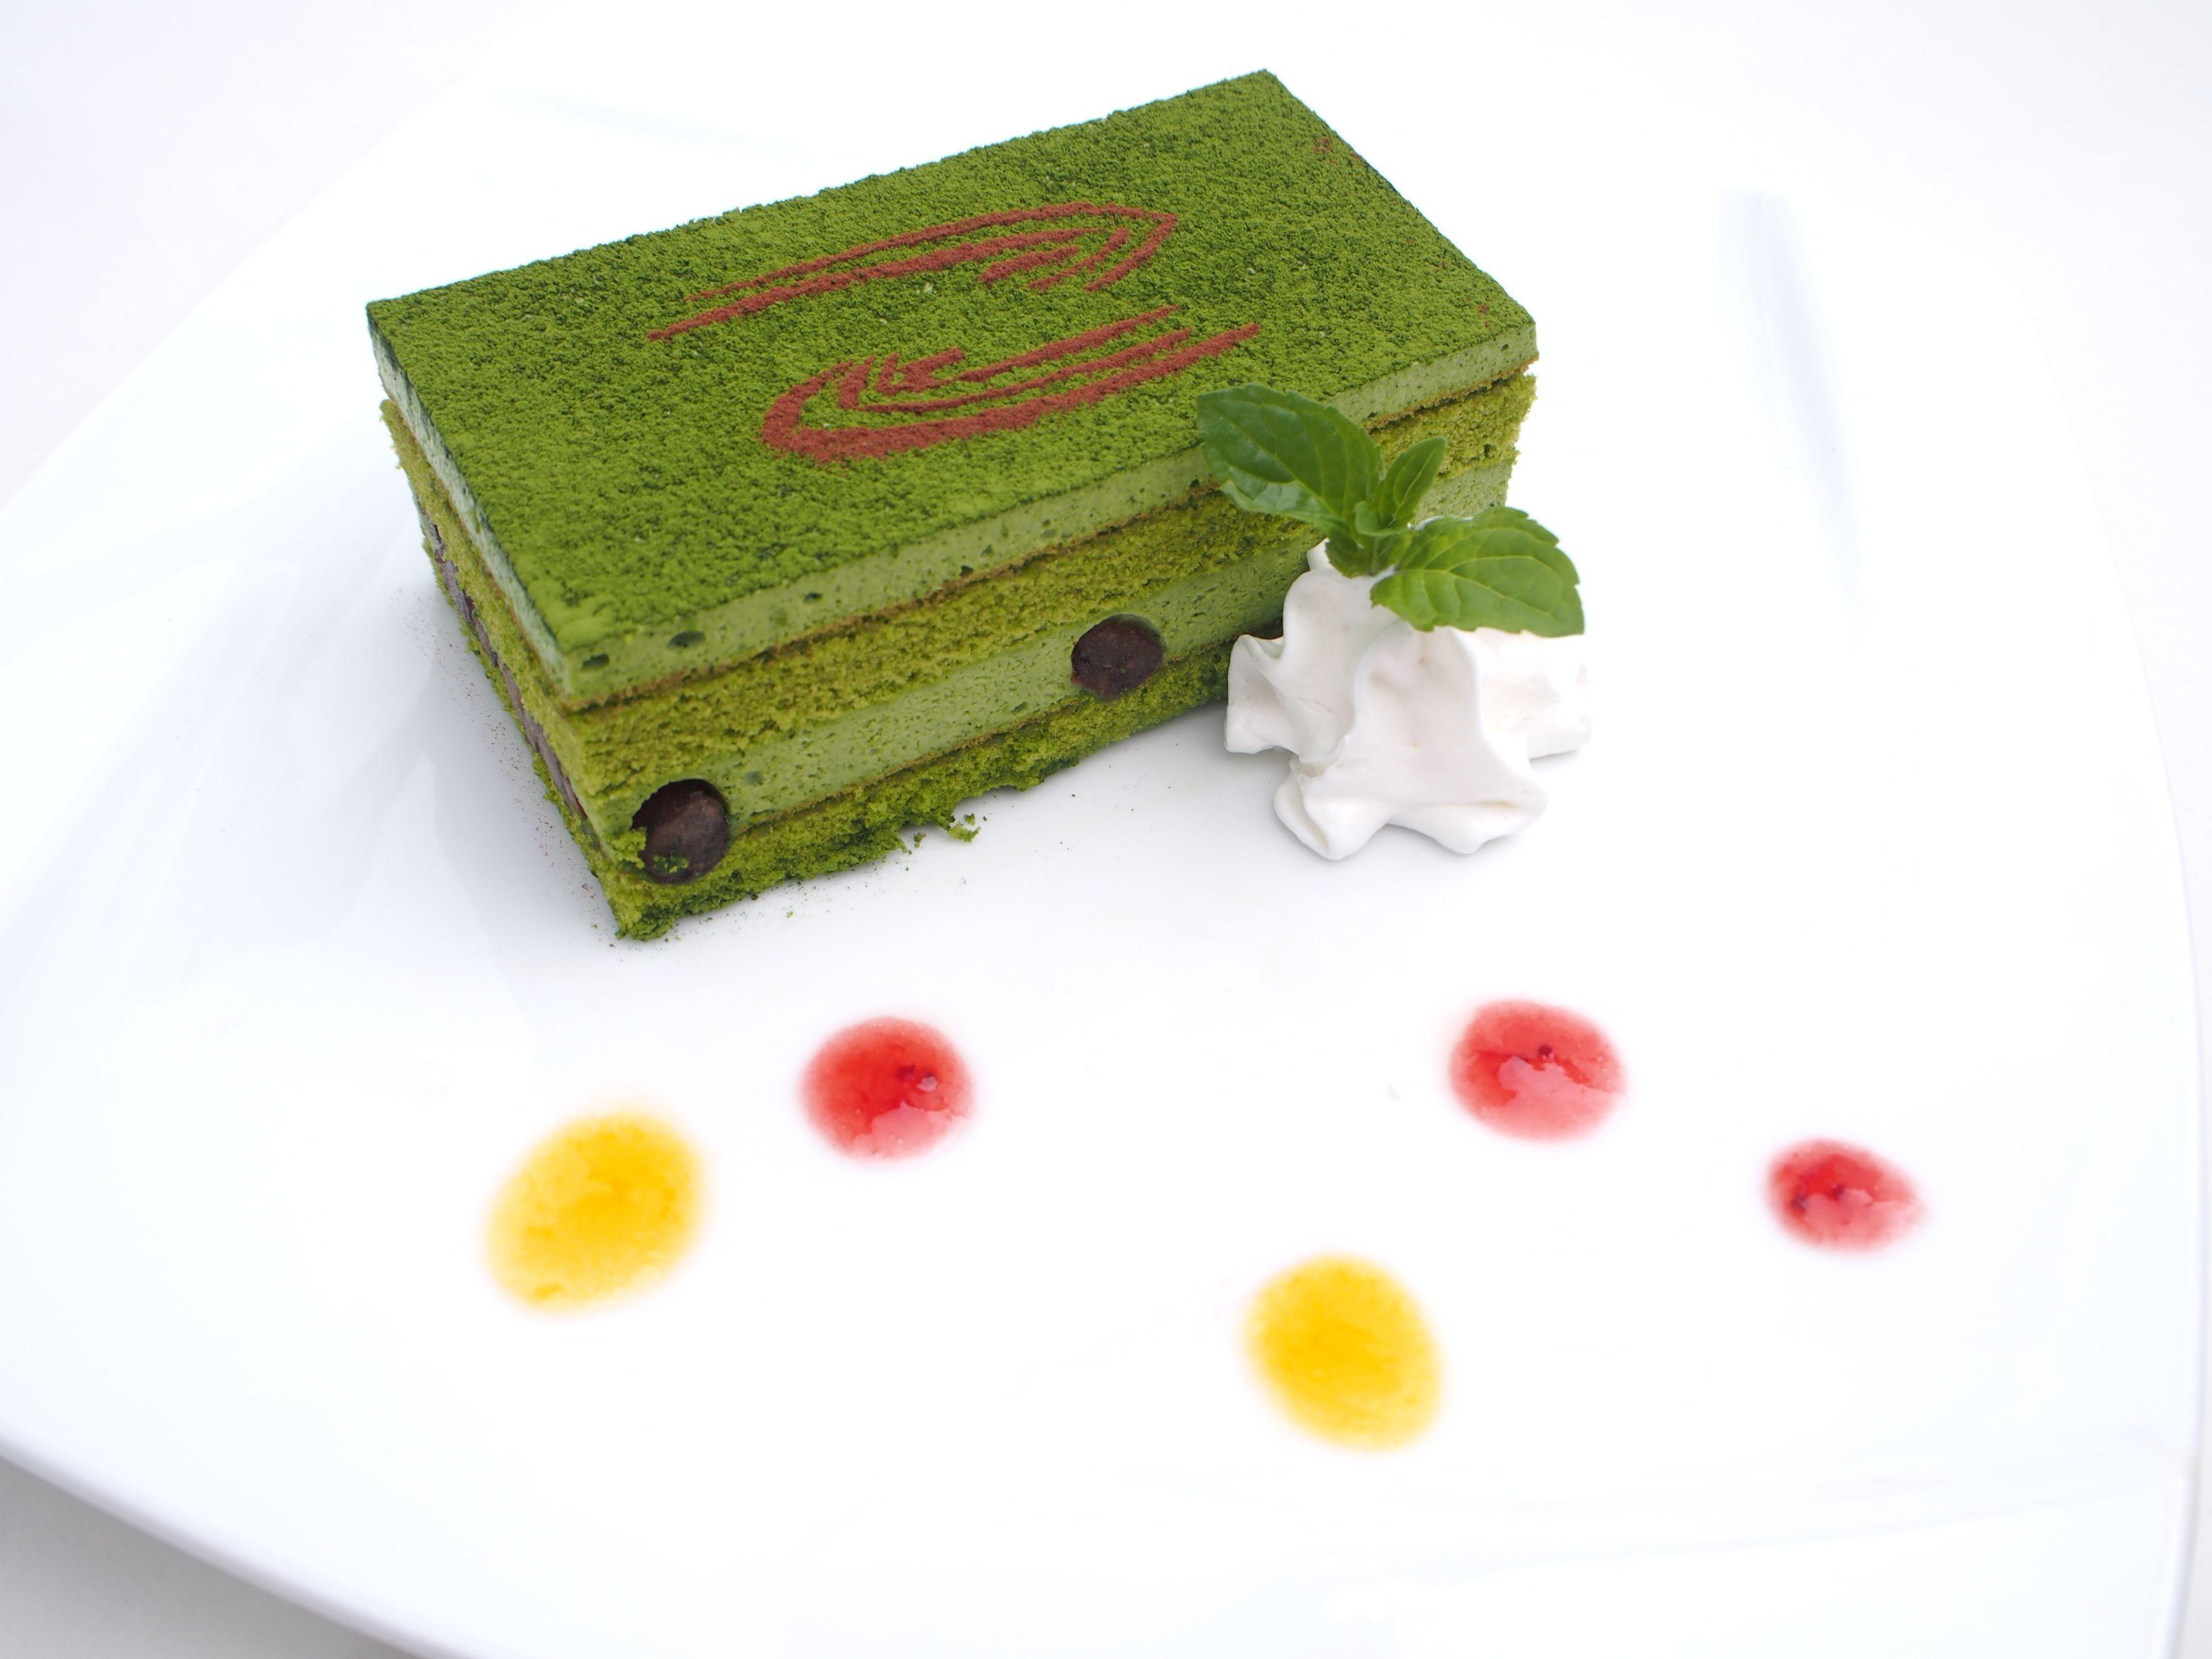 永倉新八の 真面目な抹茶ケーキ